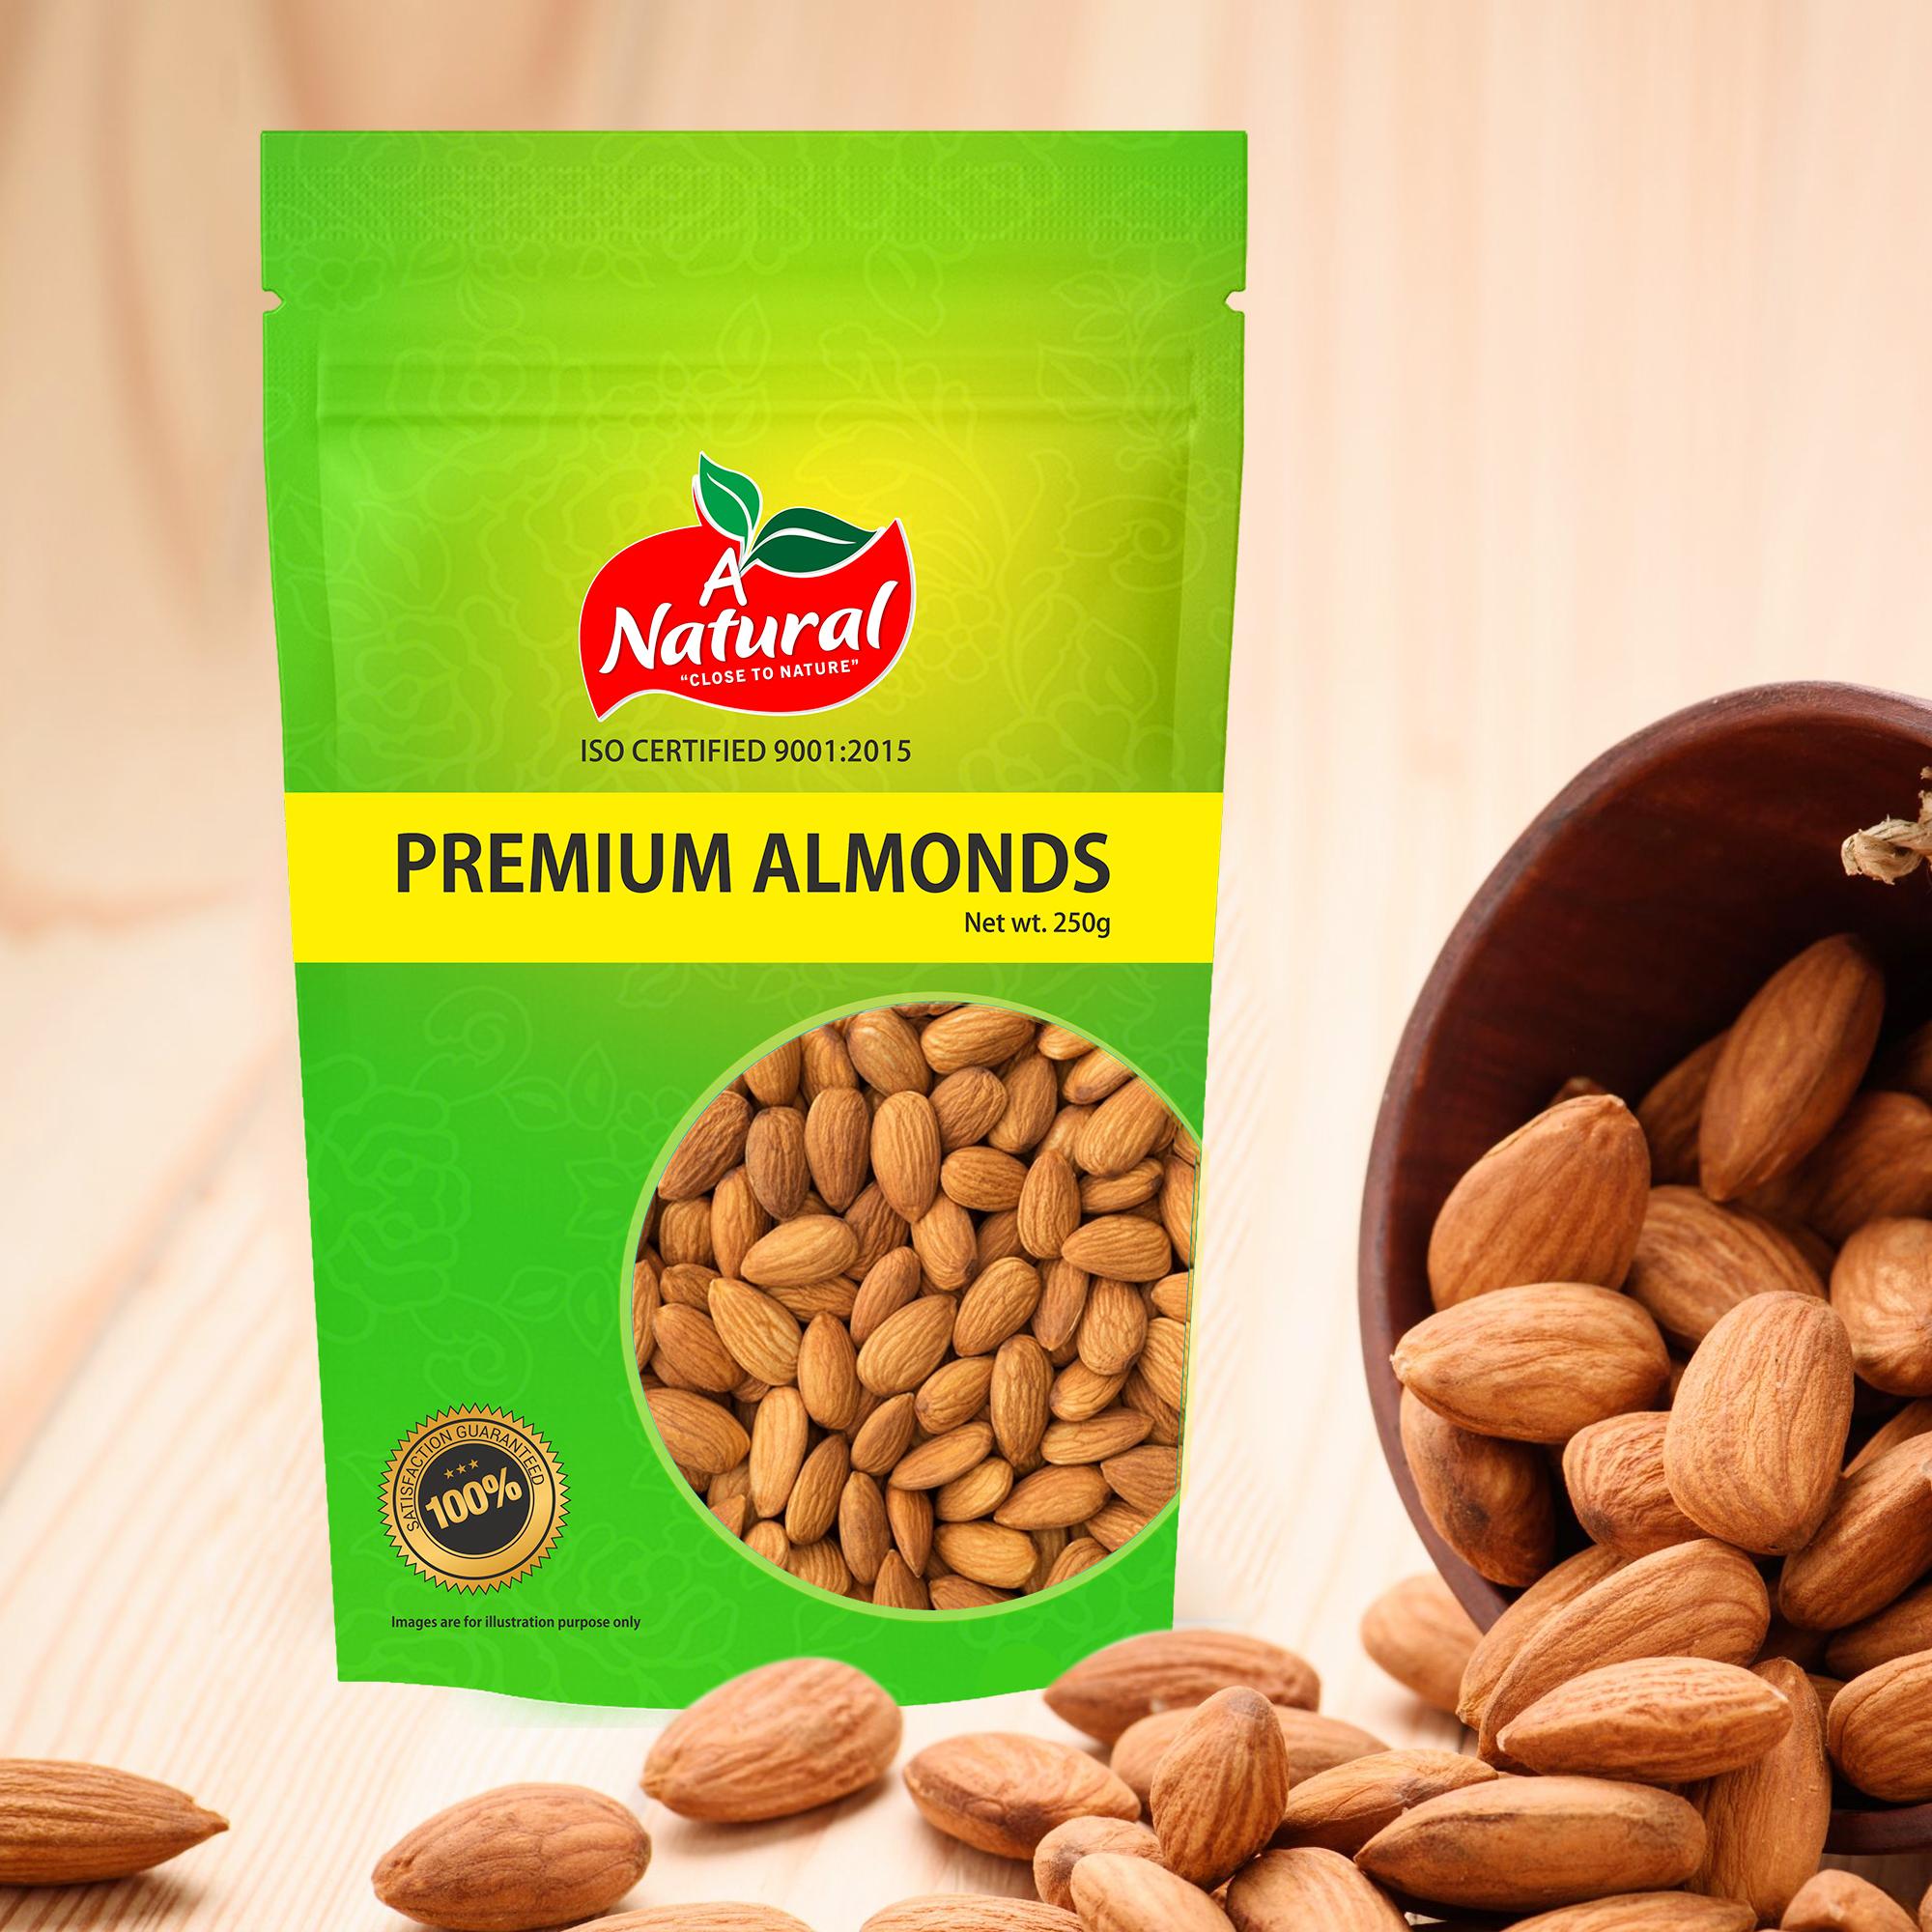 Premium Almonds